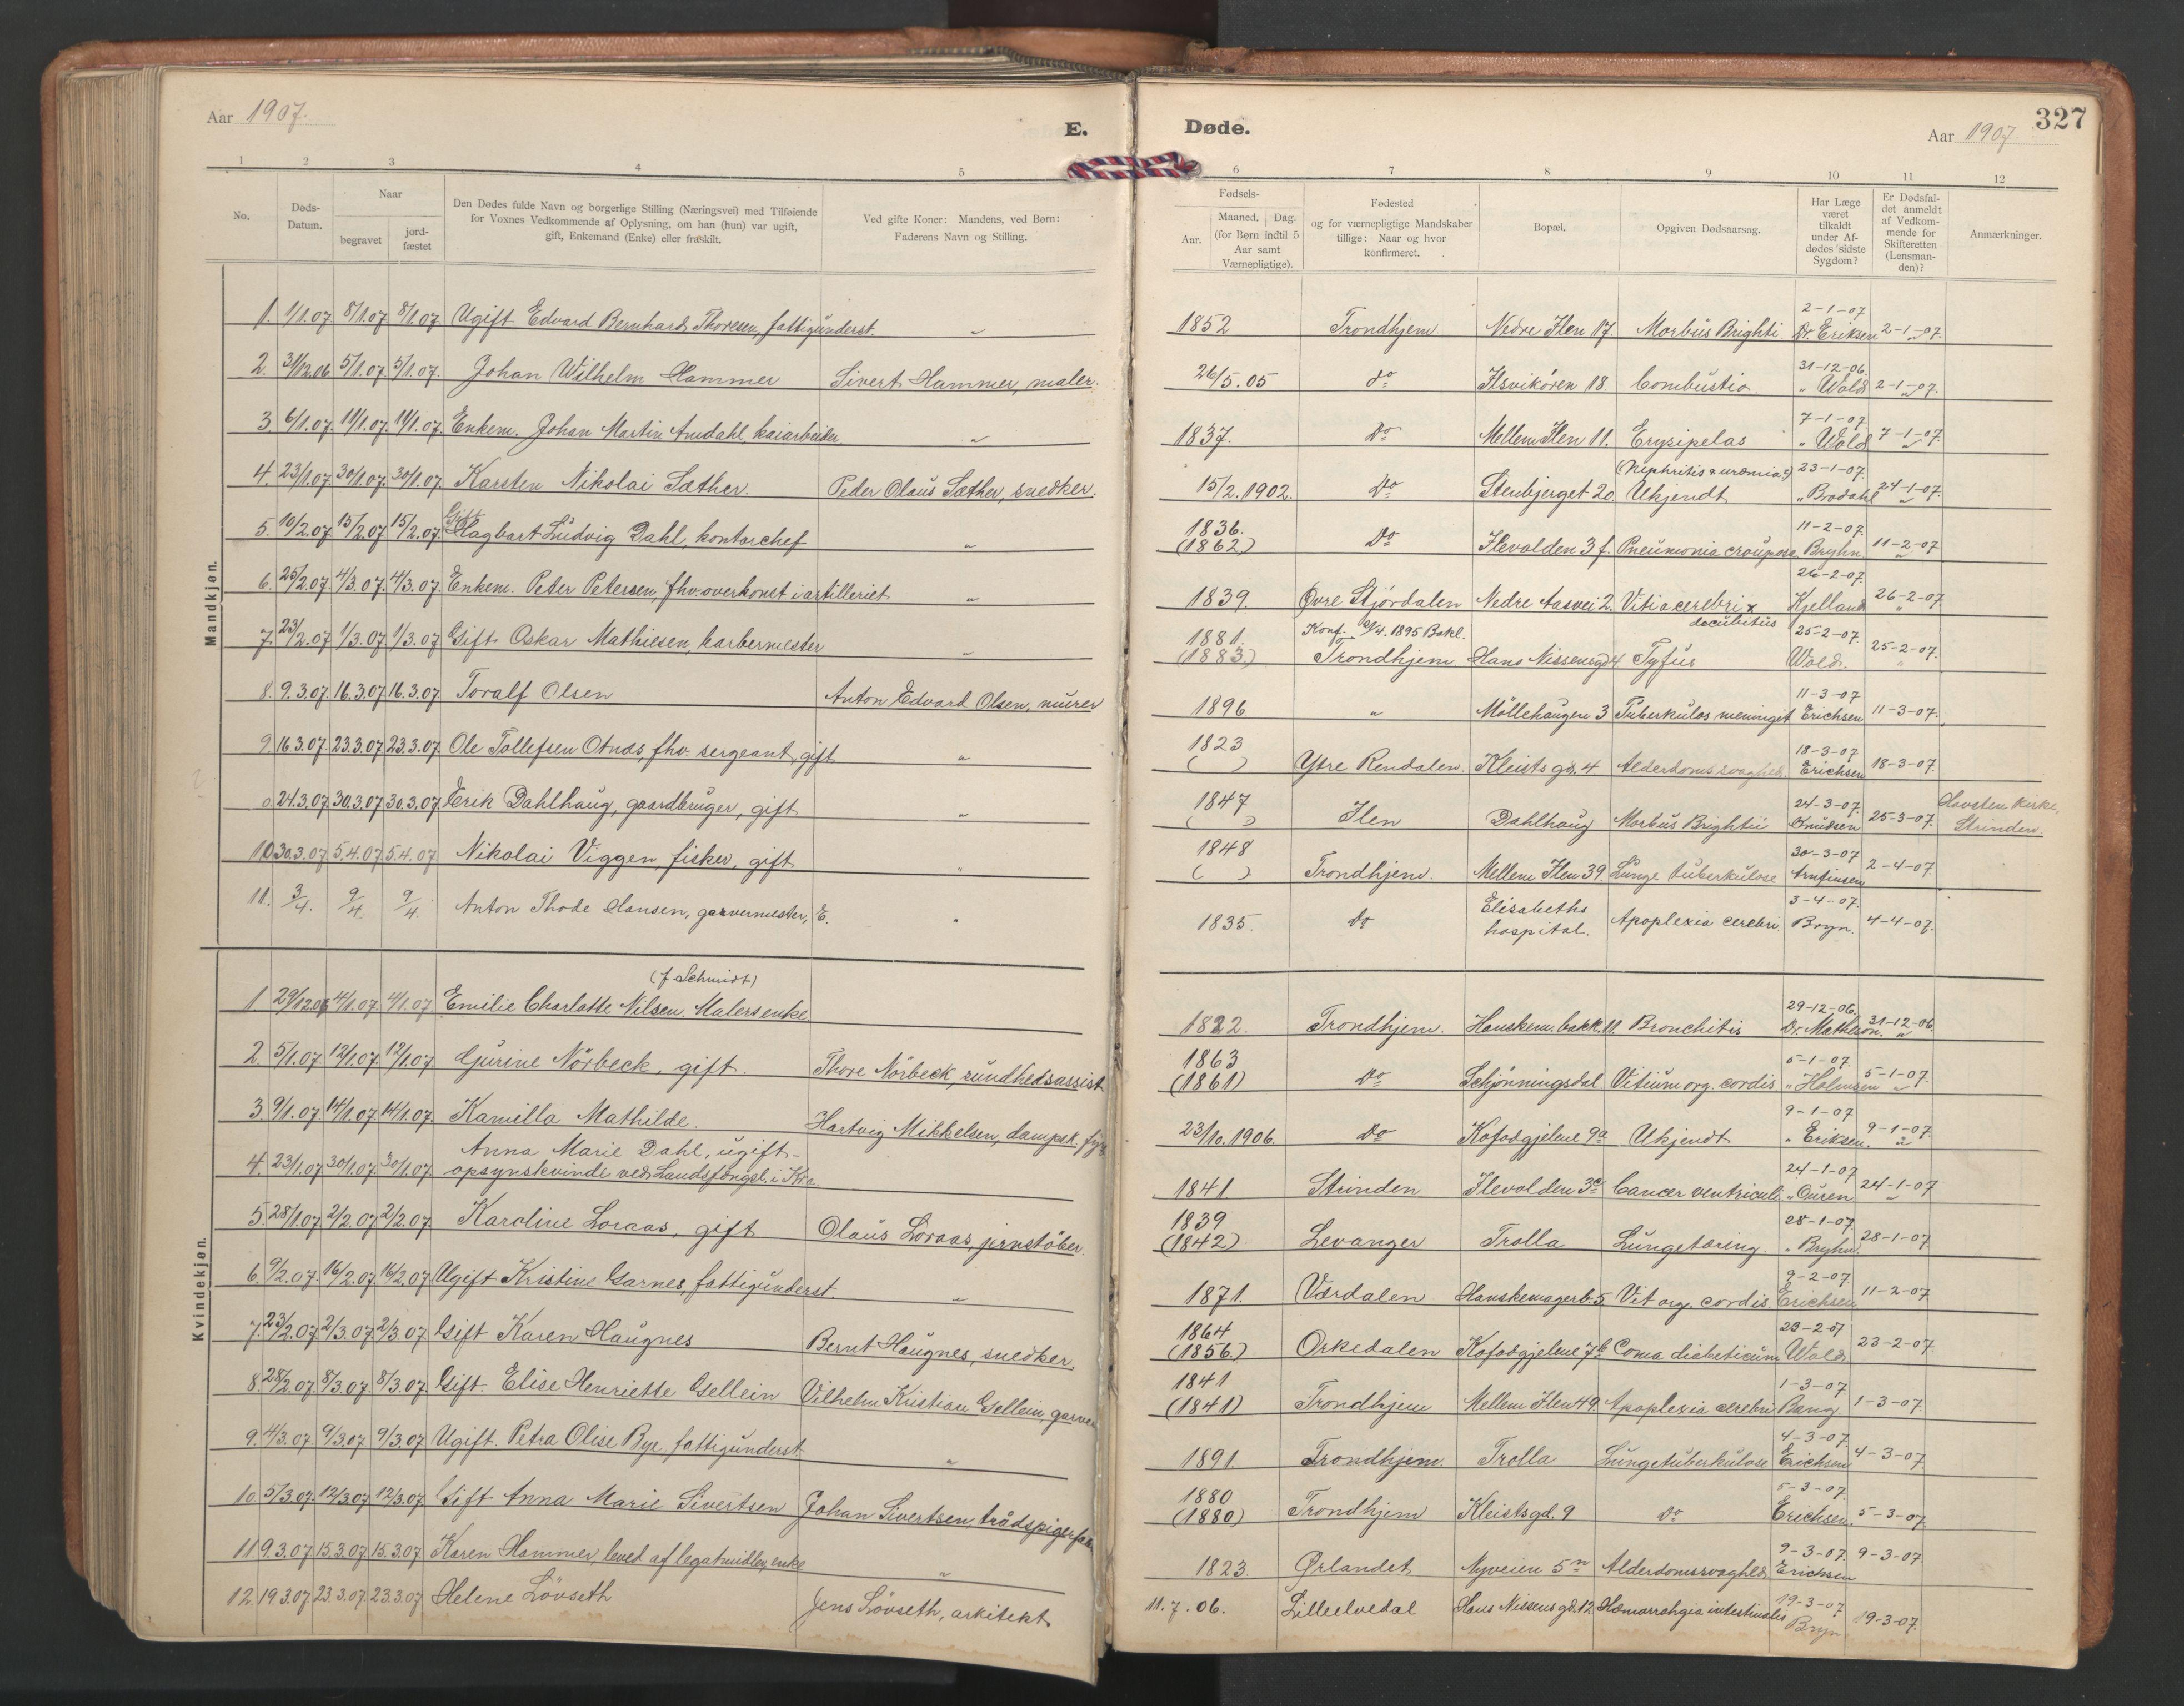 SAT, Ministerialprotokoller, klokkerbøker og fødselsregistre - Sør-Trøndelag, 603/L0173: Klokkerbok nr. 603C01, 1907-1962, s. 327